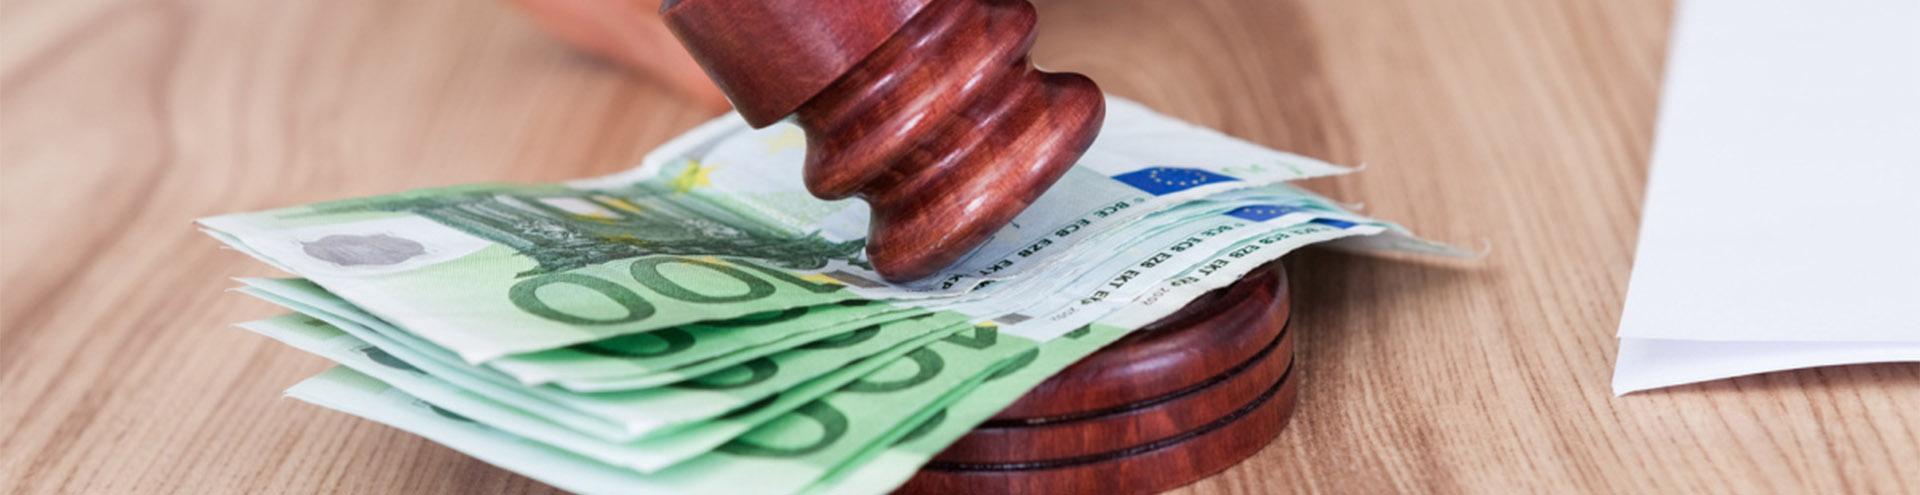 судебные расходы в Нижнем Новгороде